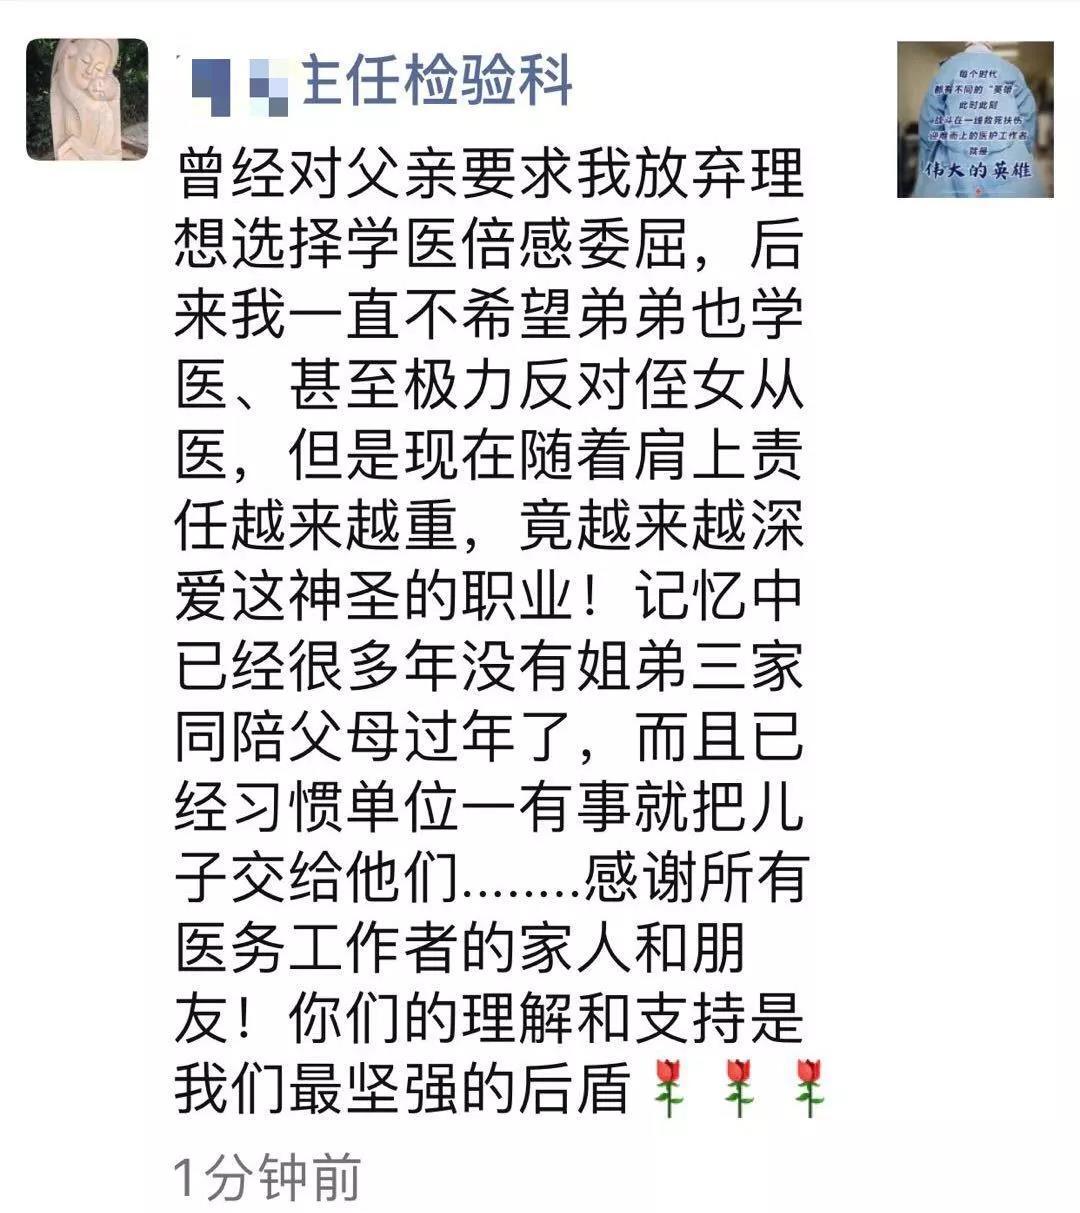 这些云南医务人员的朋友圈,看哭了……30.jpg